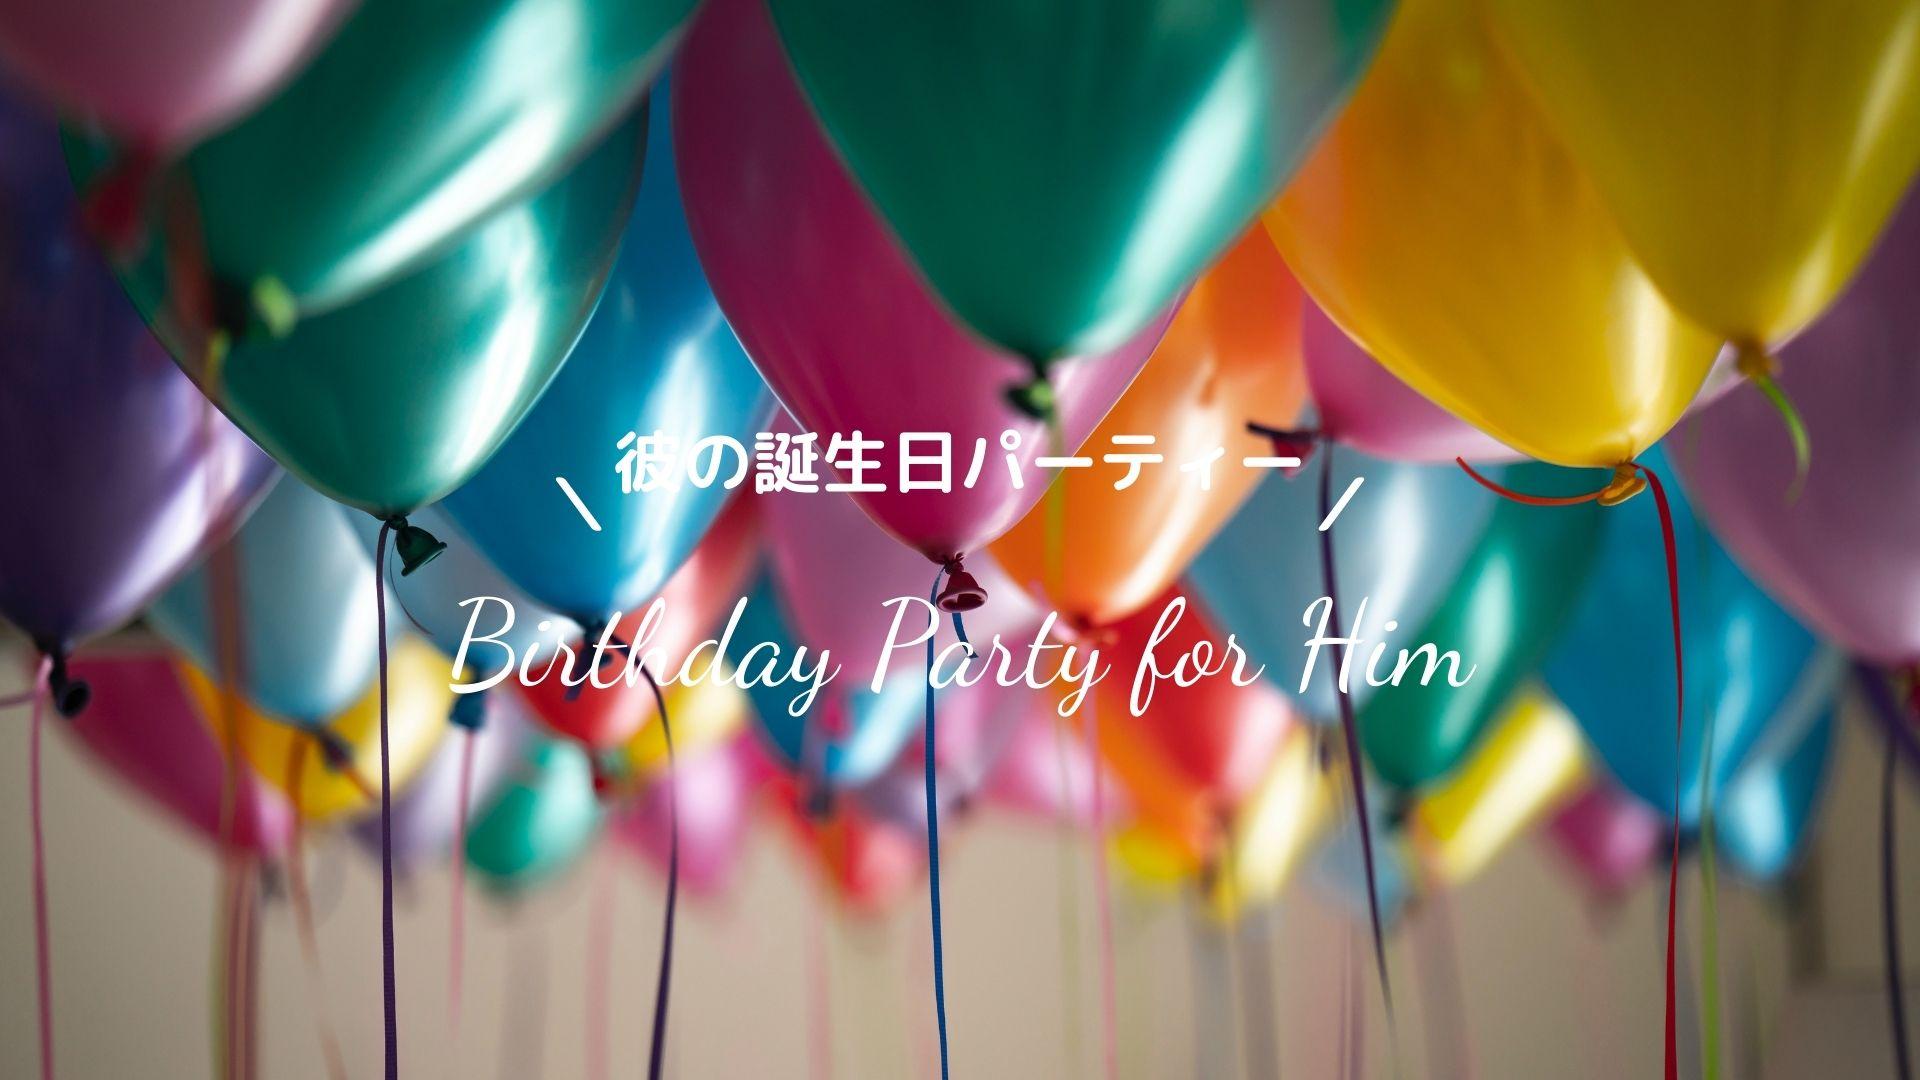 【ダーリンはスペイン人】ベルリンから帰ってきてからスイスで彼の誕生日 | ~ Que Sera Sera ~